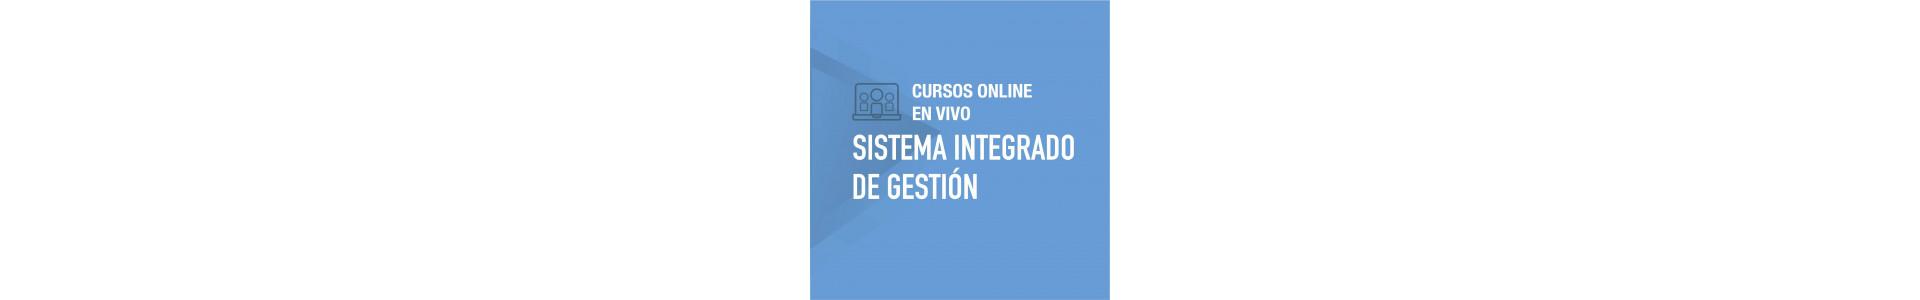 SIG-Sistemas Integrados de Gestión